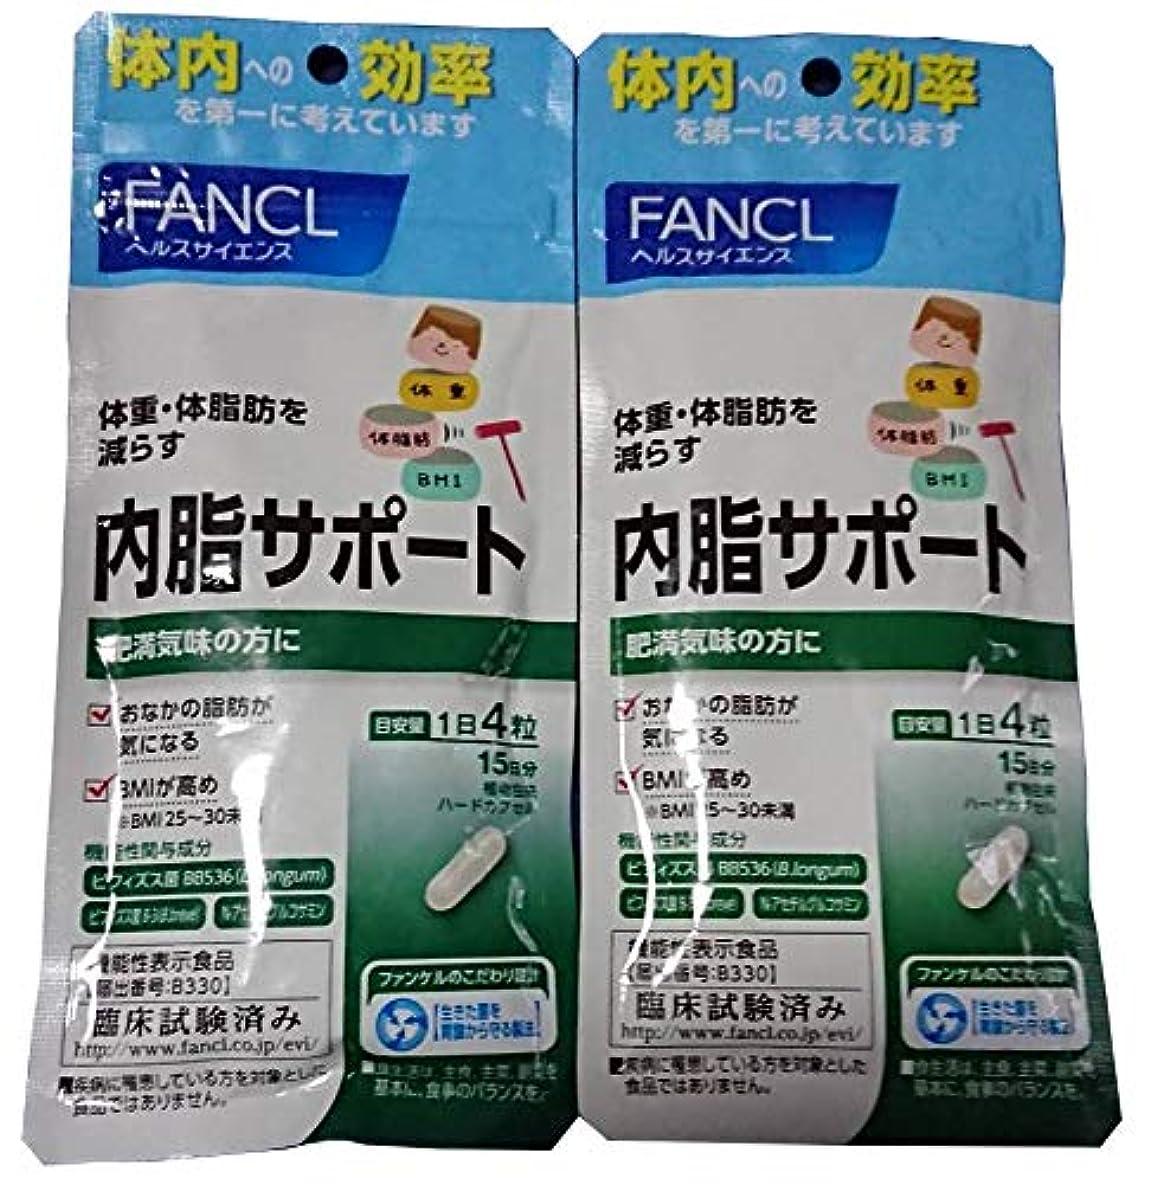 回転させるタールブレーク内脂サポート 約30日分 【15日分2袋セット】